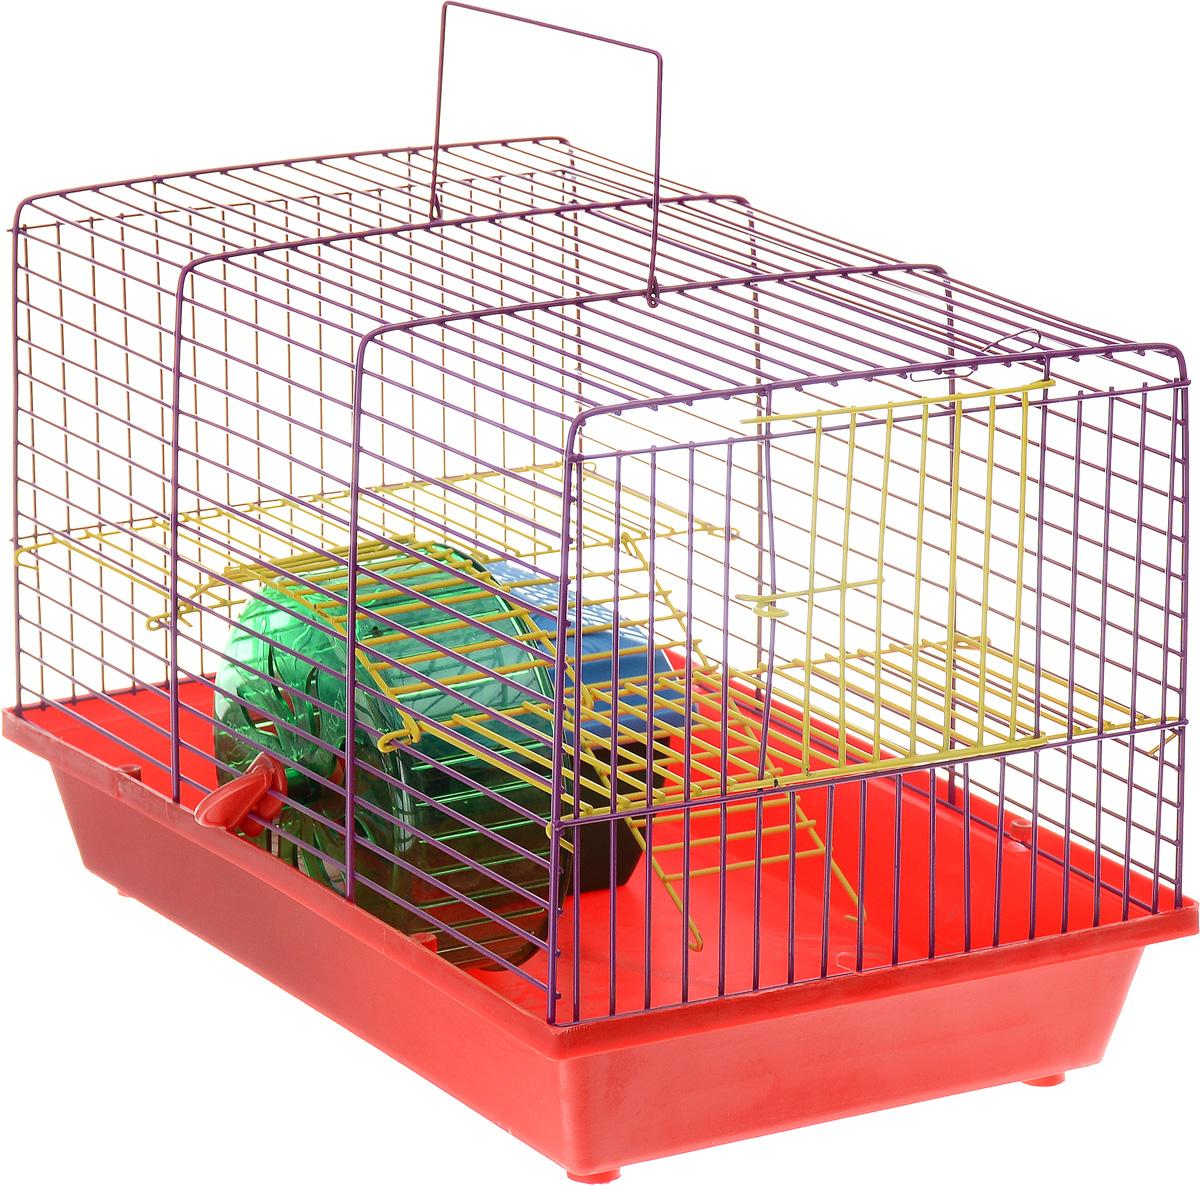 Клетка для грызунов Зоомарк  Венеция , 2-этажная, цвет: красный поддон, фиолетовая решетка, желтый этаж, 36 х 23 х 24 см - Клетки, вольеры, будки